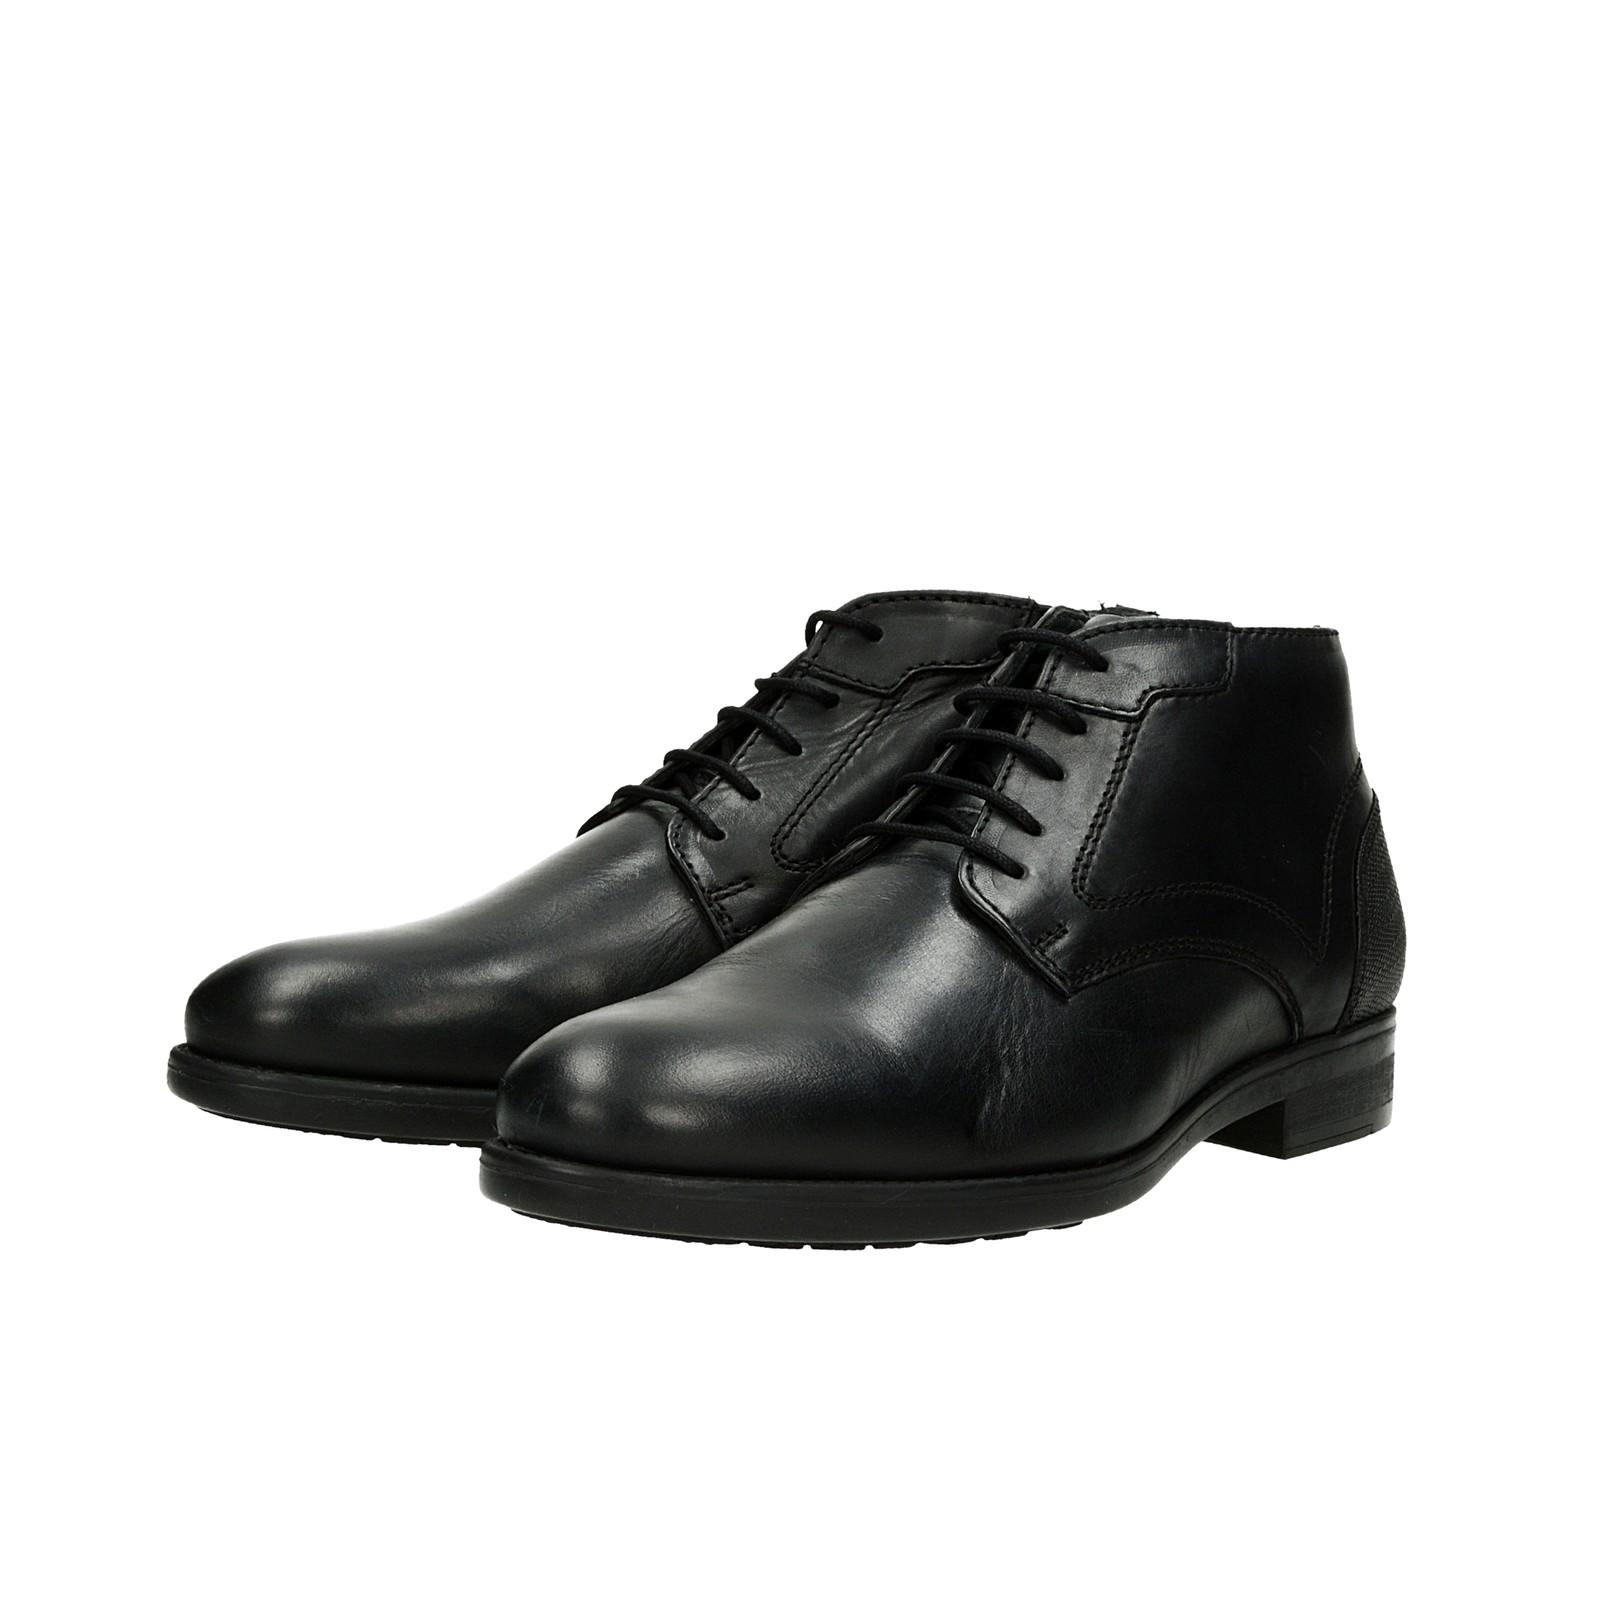 b9f4ca79ed66 ... Robel pánska kožená členková obuv - čierna ...